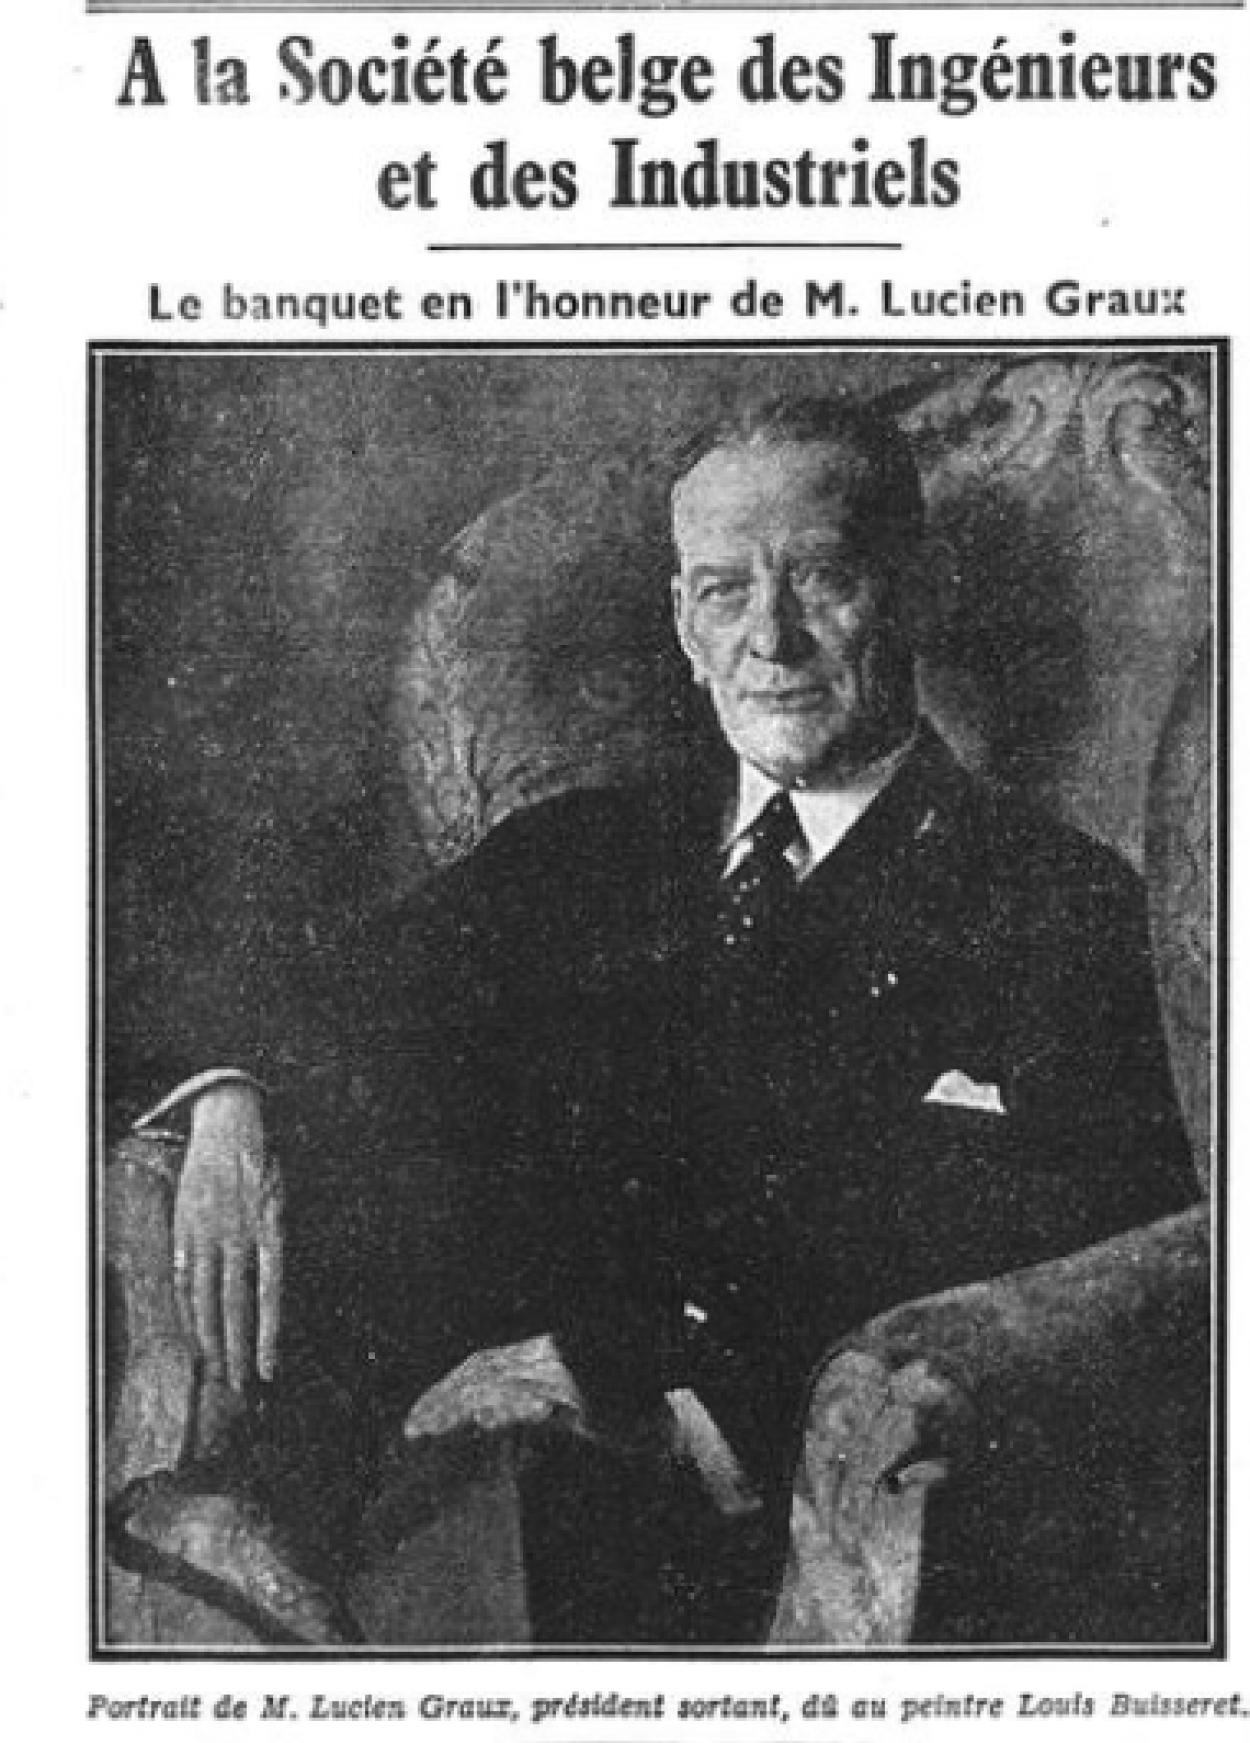 lucien-graux-indep-belge-22-6-1936-p-3.png